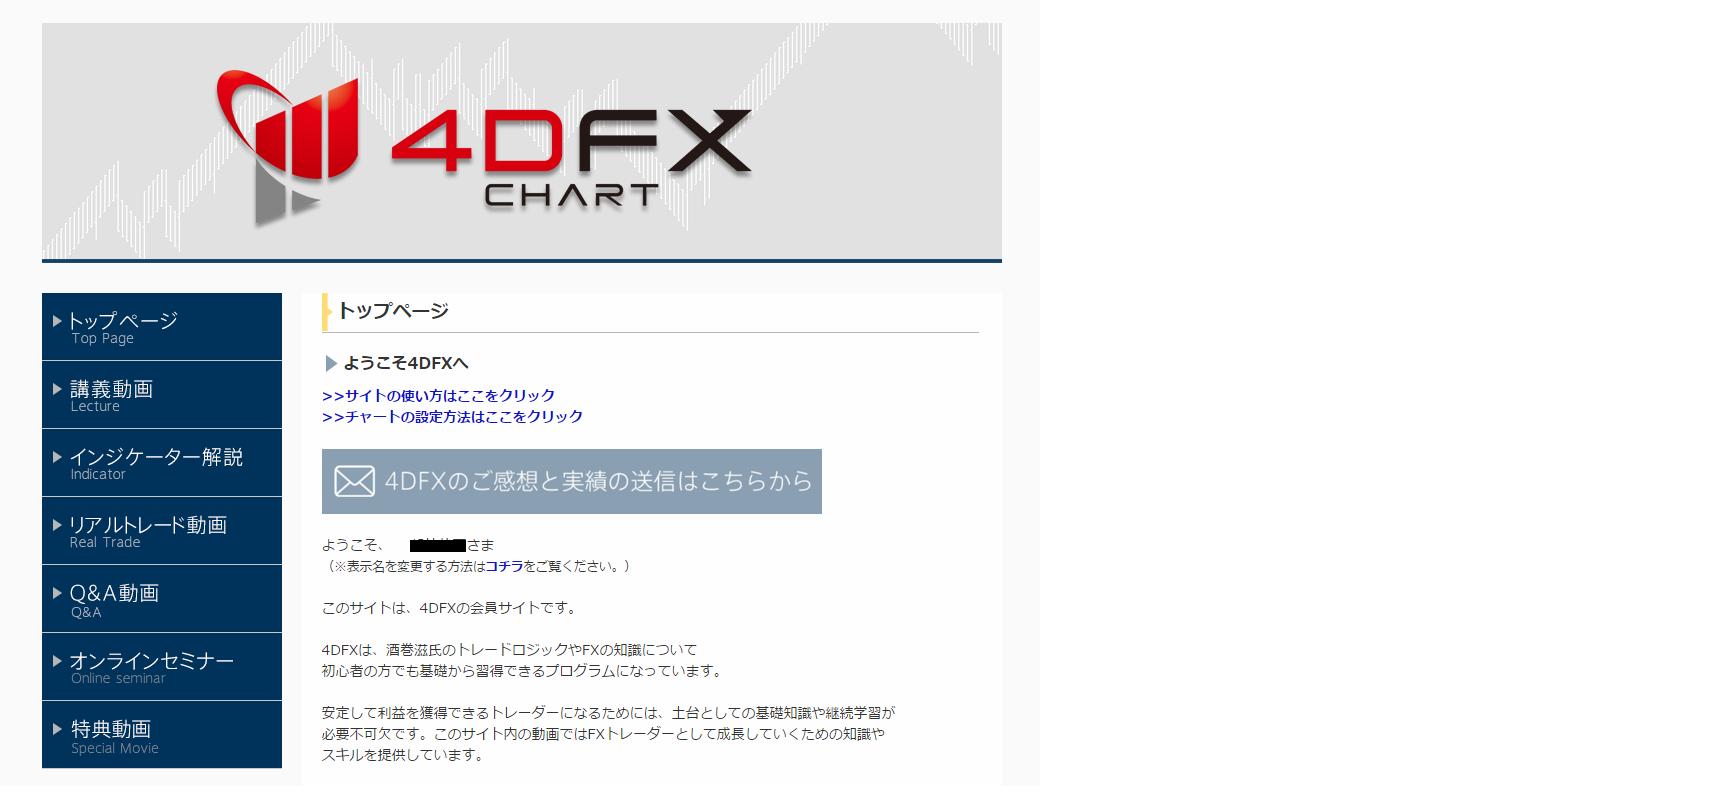 4DFX錬金スキャルロジックは買わないほうがいい。